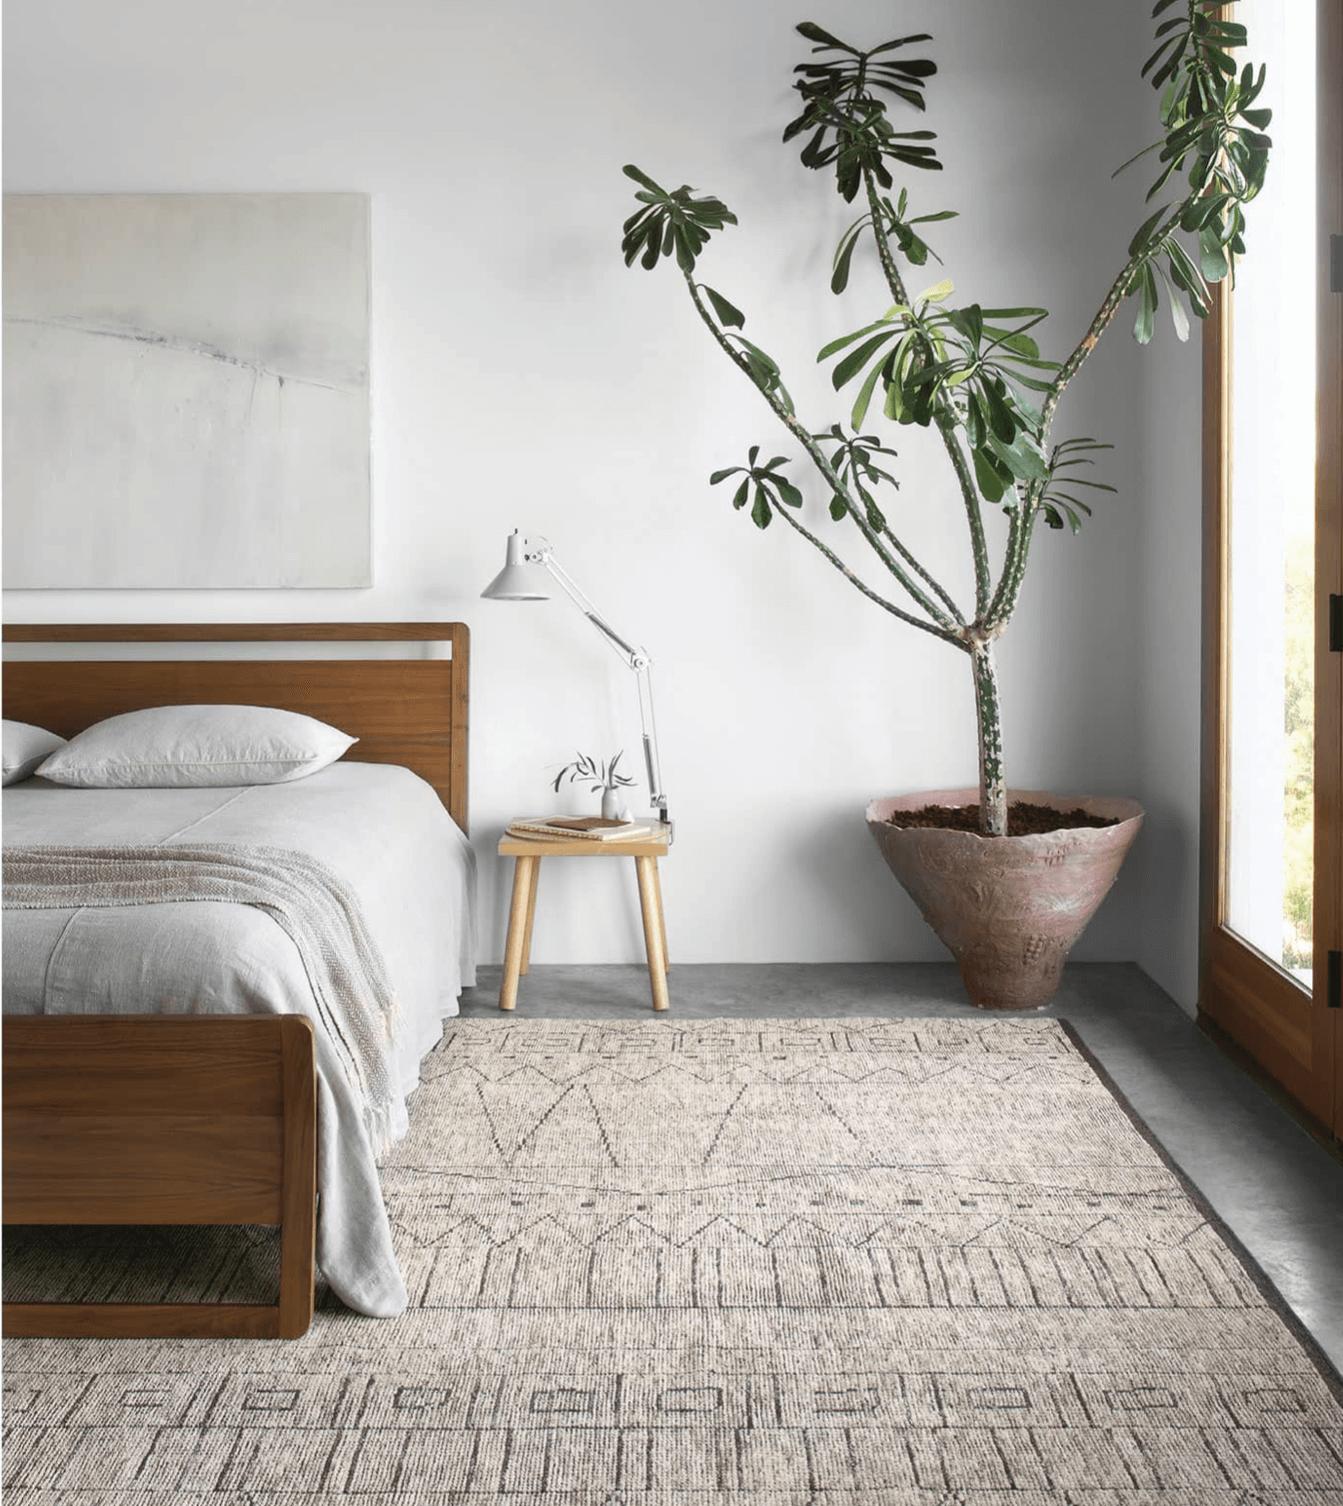 04_BR_WH_NU_ED_Loloi Carpet_09_17.png